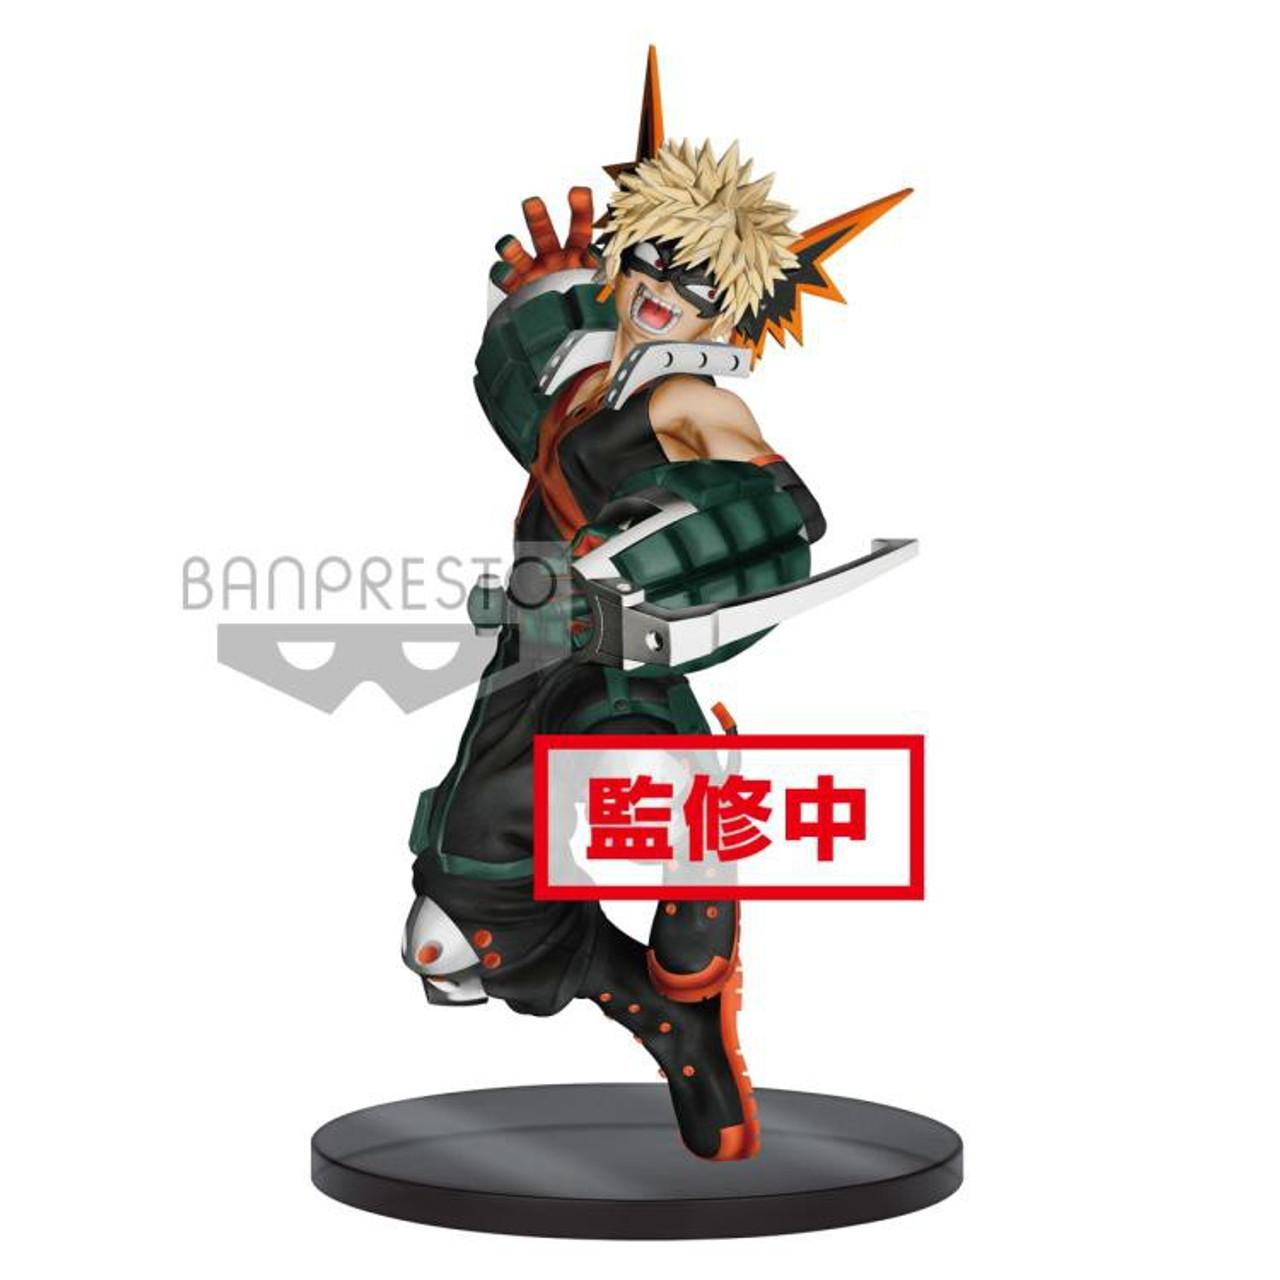 BANPRESTO DXF MY HERO ACADEMIA VOL 1 IZUKU MIDORIYA /& KATSUKI BAKUGO STATUE